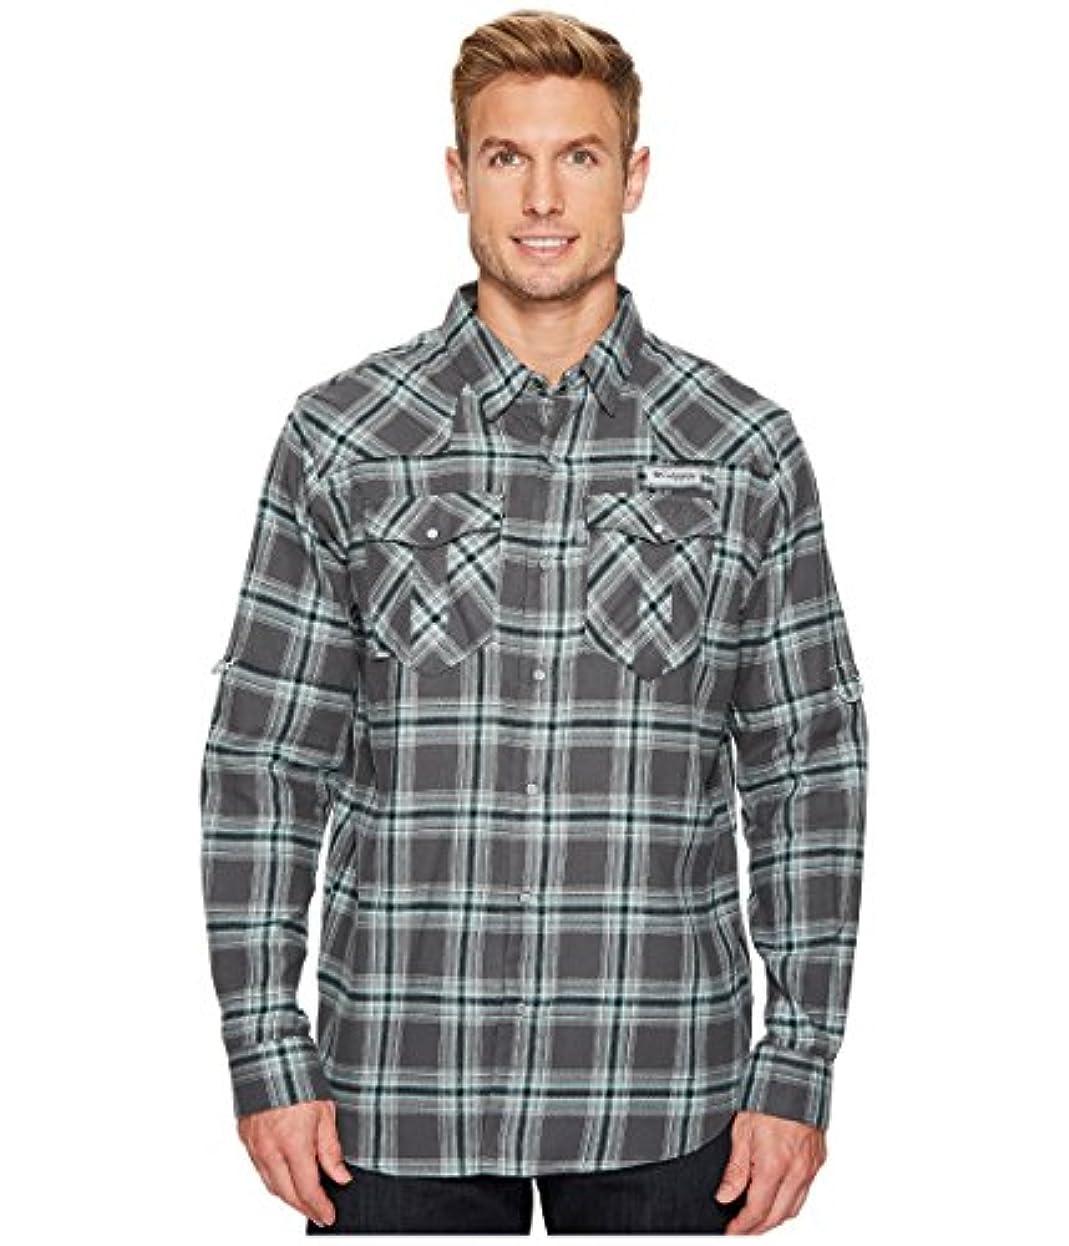 プログラム断片感情コロンビア トップス シャツ Beadhead Flannel Long Sleeve Shirt Grill Plai [並行輸入品]